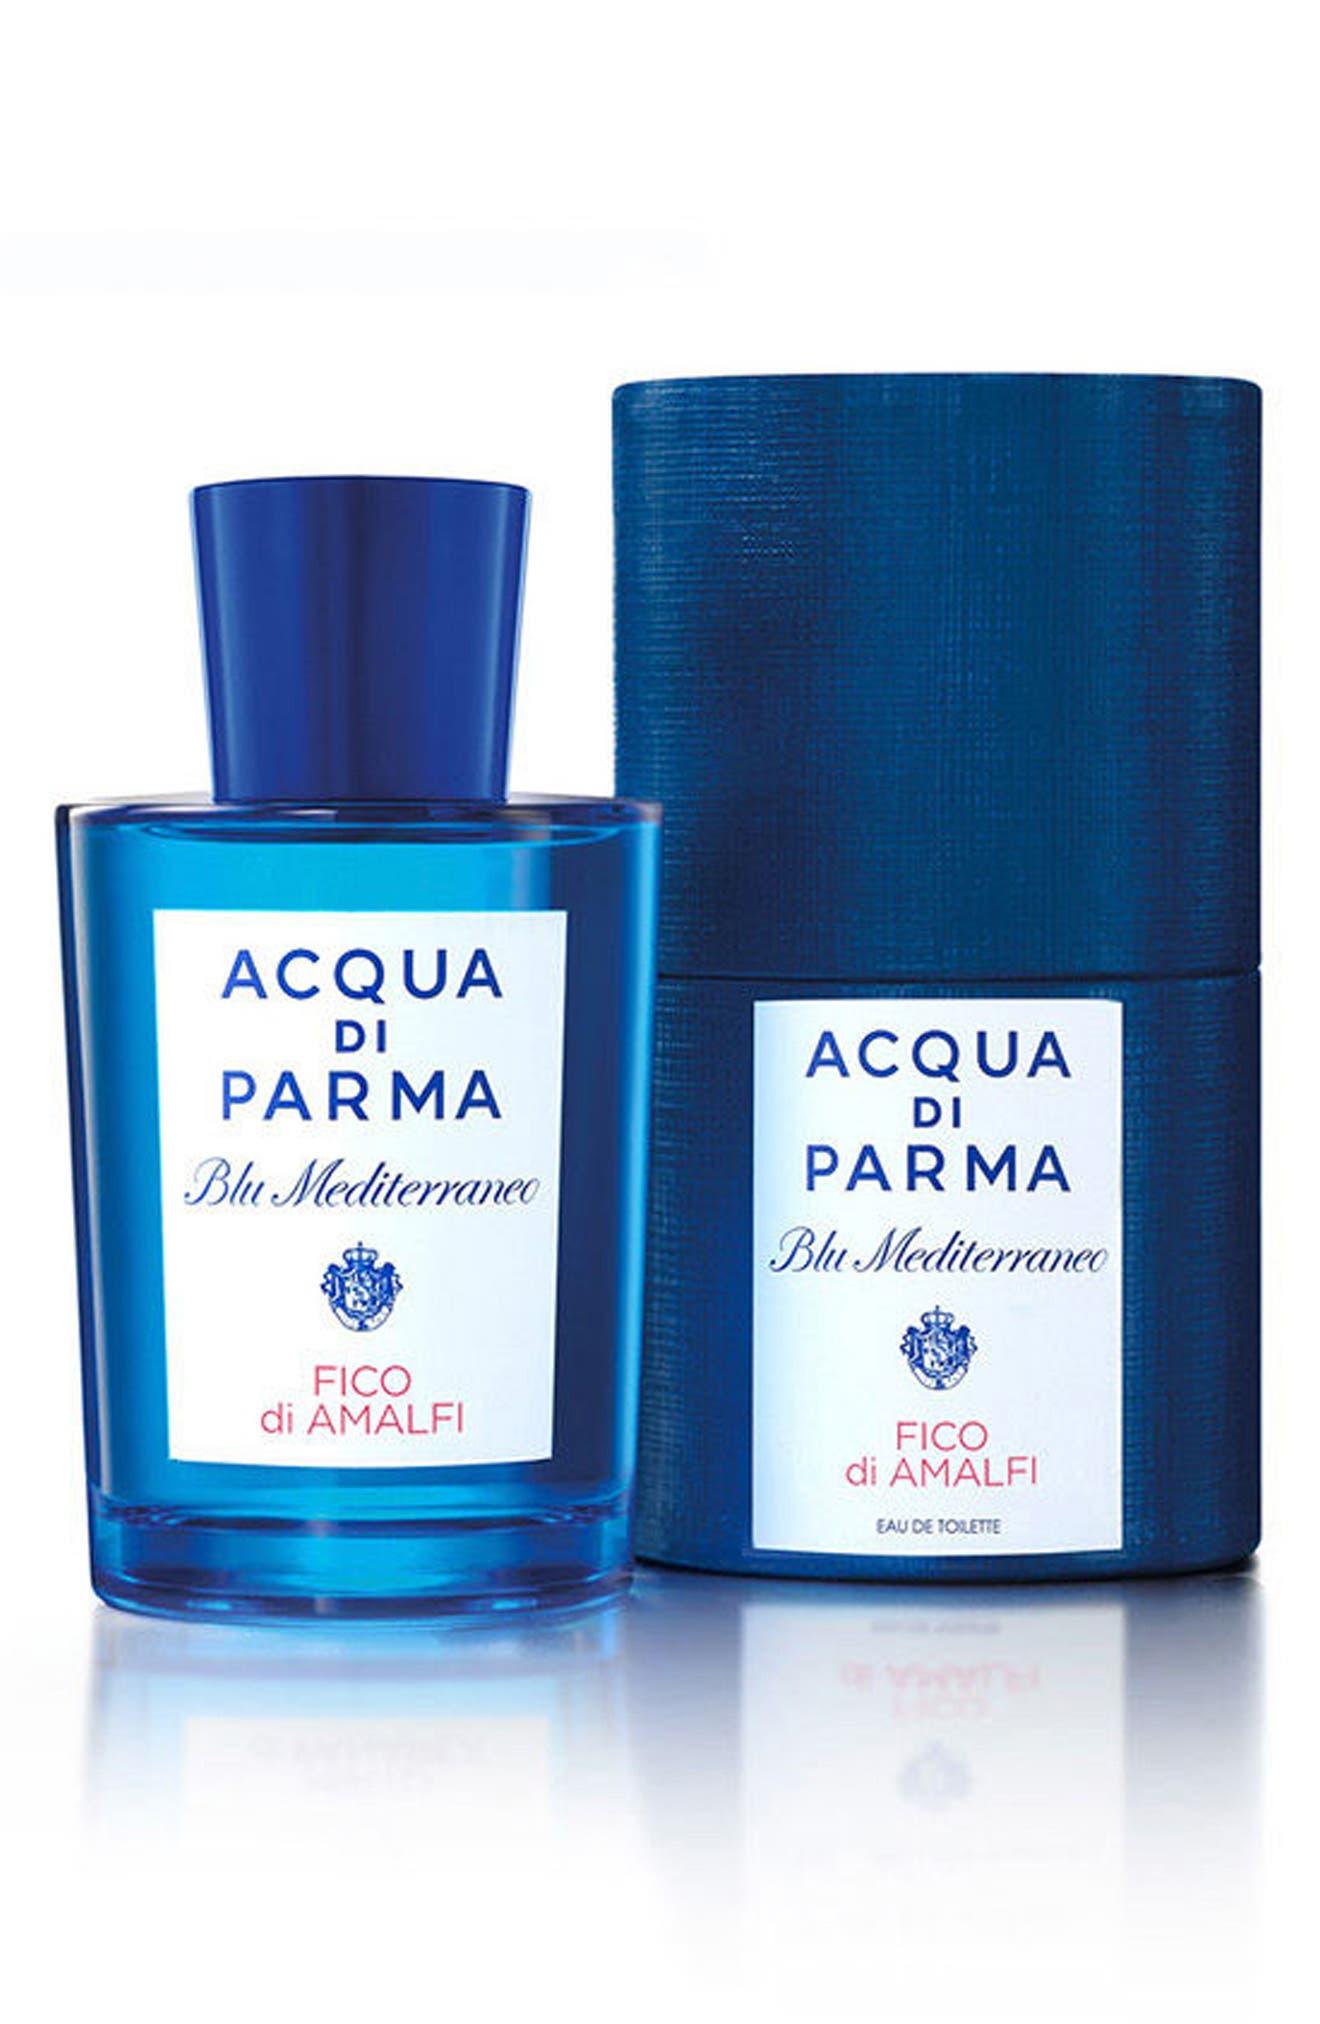 ACQUA DI PARMA,                             'Blu Mediterraneo' Fico di Amalfi Eau de Toilette Spray,                             Alternate thumbnail 4, color,                             NO COLOR